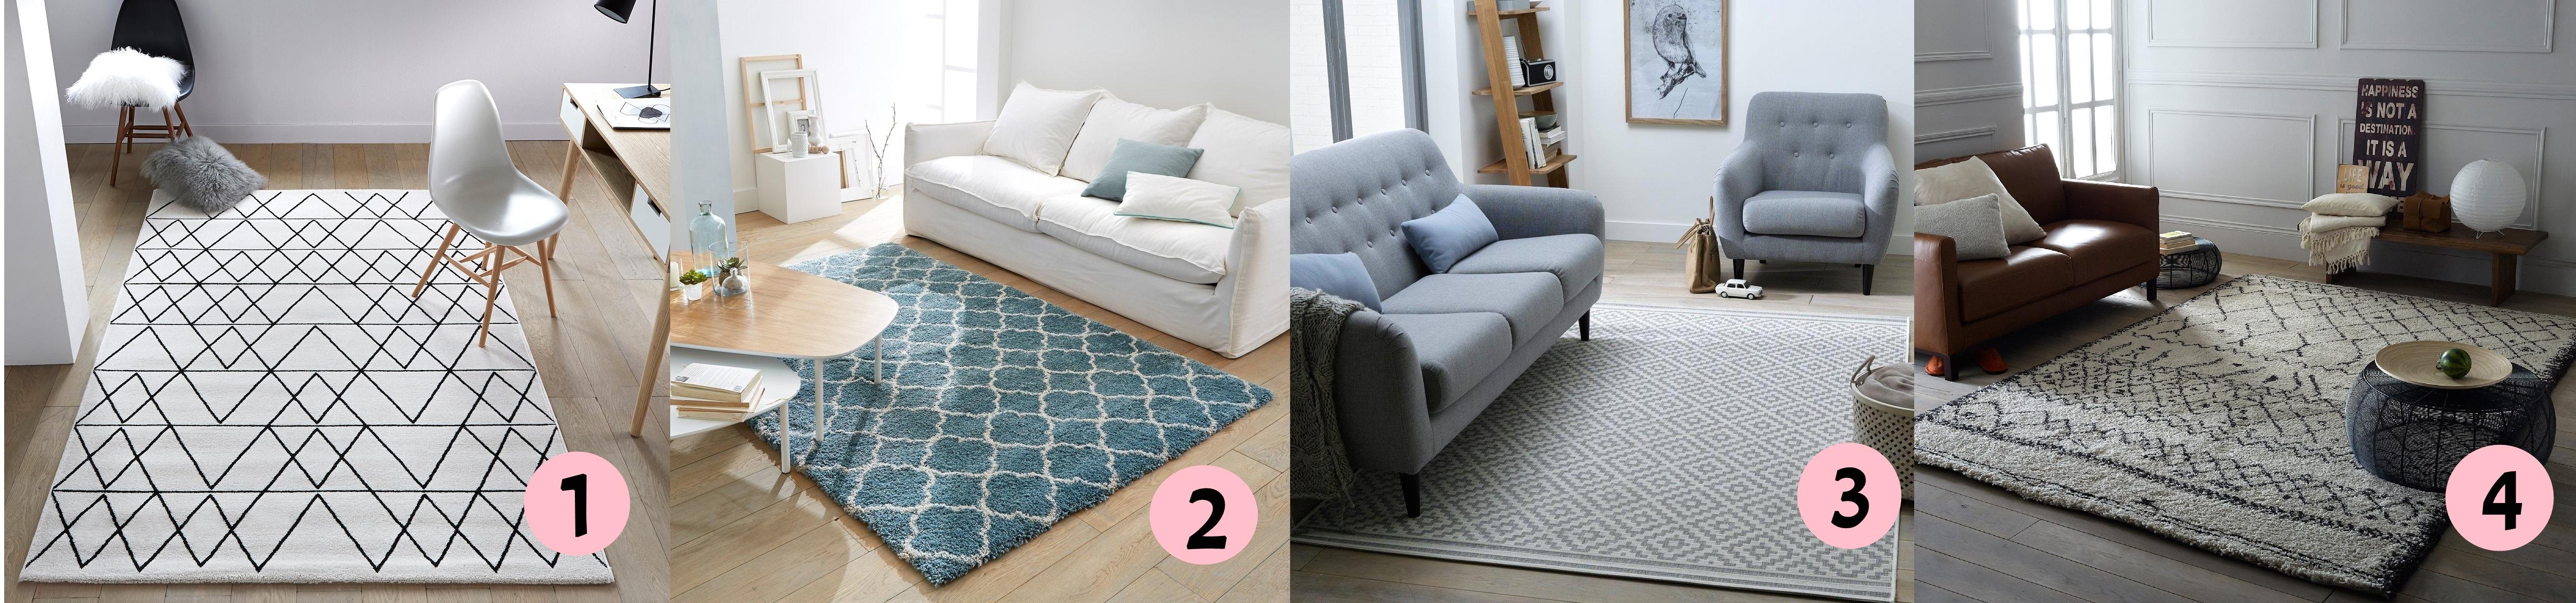 4 alfombras para el sal n por menos de 100 euros y con - Alfombras para el salon ...